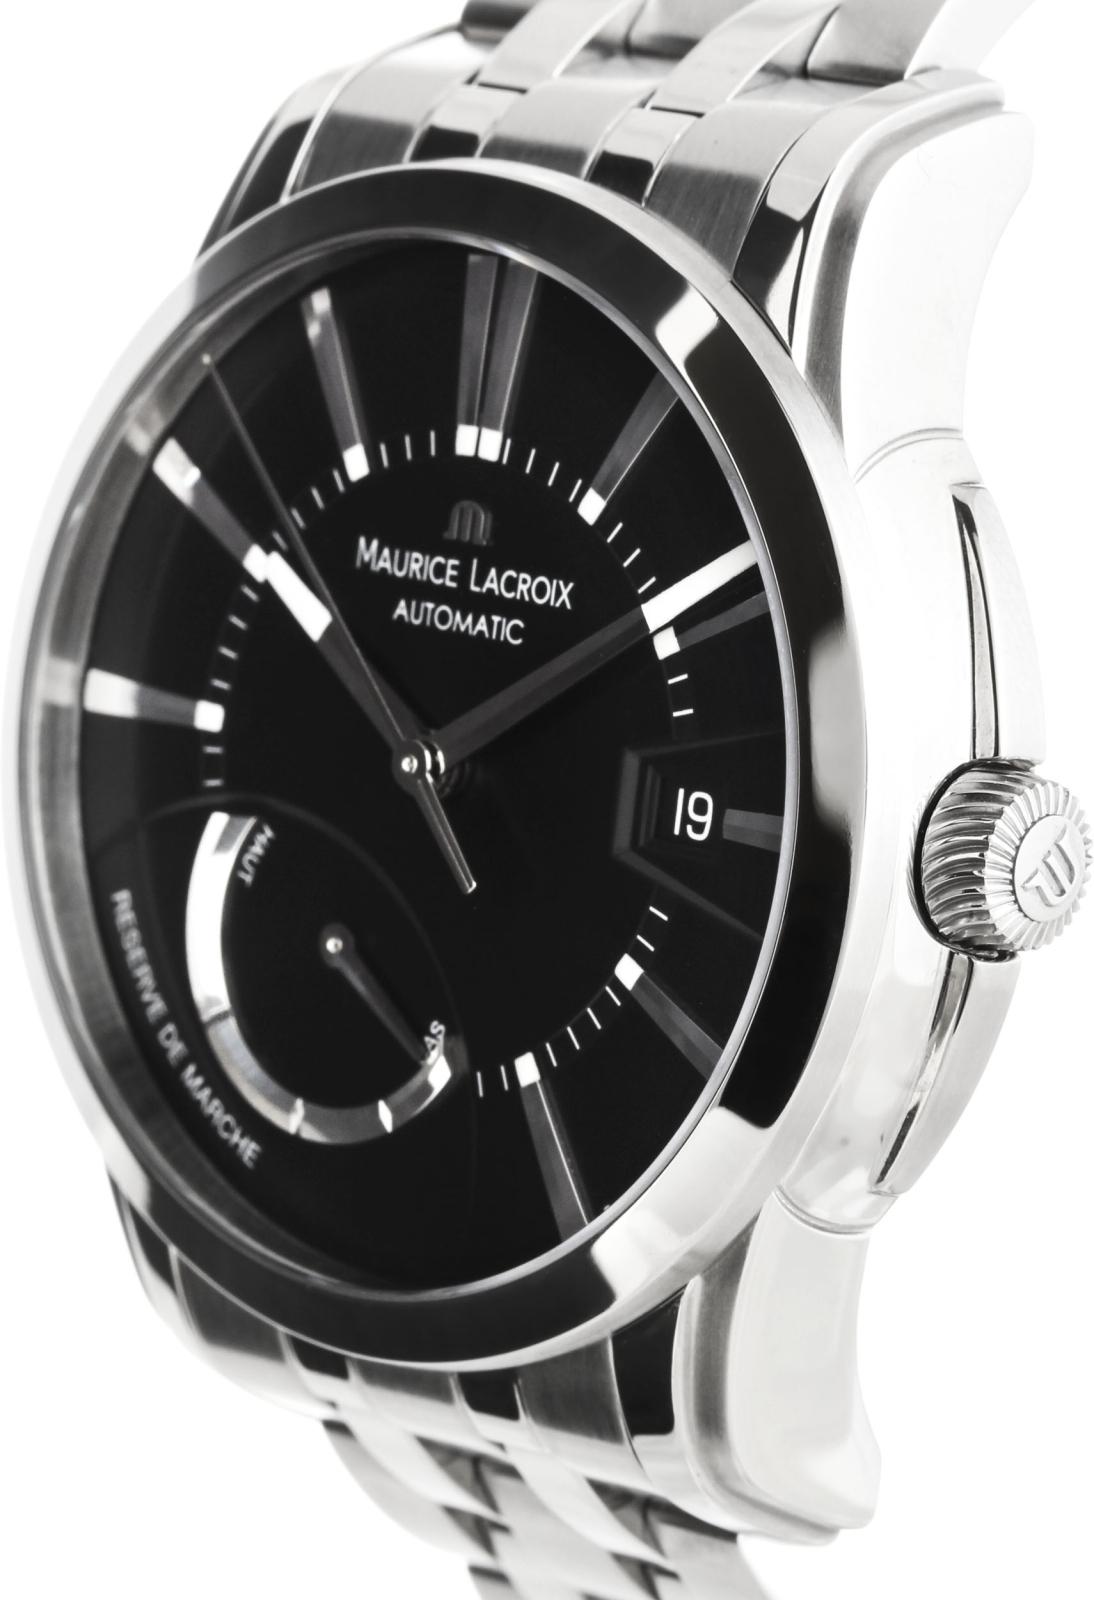 Maurice Lacroix Pontos PT6168-SS002-331Наручные часы<br>Швейцарские часы Maurice Lacroix PontosPT6168-SS002-331Часы принадежат коллекции Pontos. Это стильные Мужские часы. Материал корпуса часов — Сталь. Браслет — Сталь. В этих часах используется Сапфировое стекло. Часы этой модели обладают водозащитой 50 м.<br><br>Пол: Мужские<br>Страна-производитель: Швейцария<br>Механизм: Механический<br>Материал корпуса: Сталь<br>Материал ремня/браслета: Сталь<br>Водозащита, диапазон: 20 - 100 м<br>Стекло: Сапфировое<br>Толщина корпуса: None<br>Стиль: None